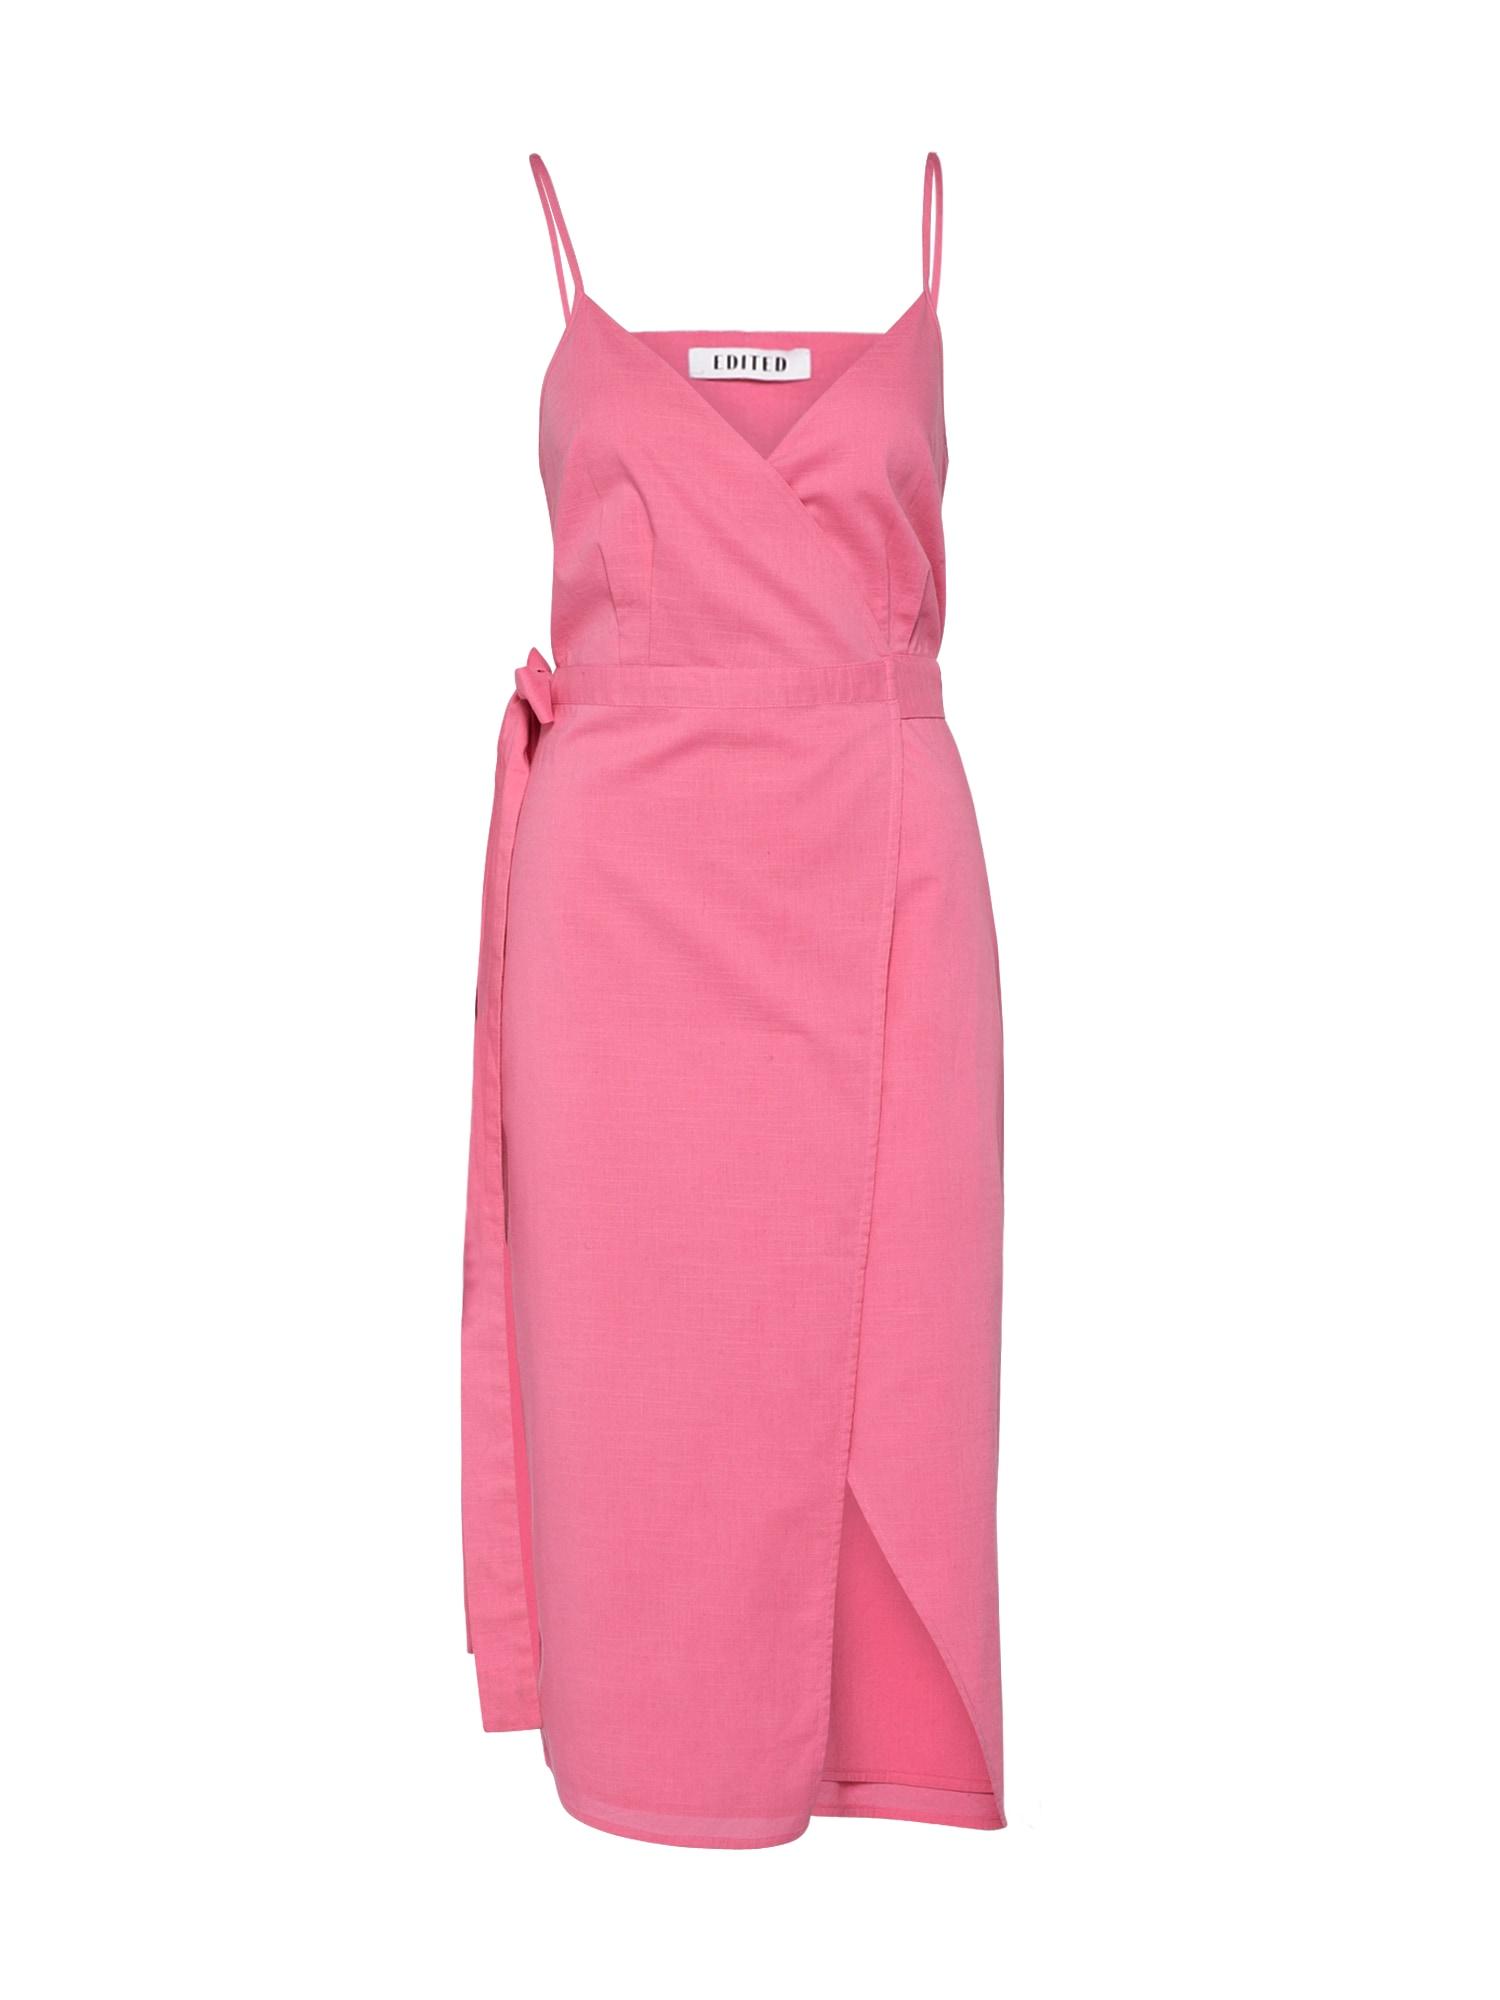 Letní šaty Nelina pink EDITED